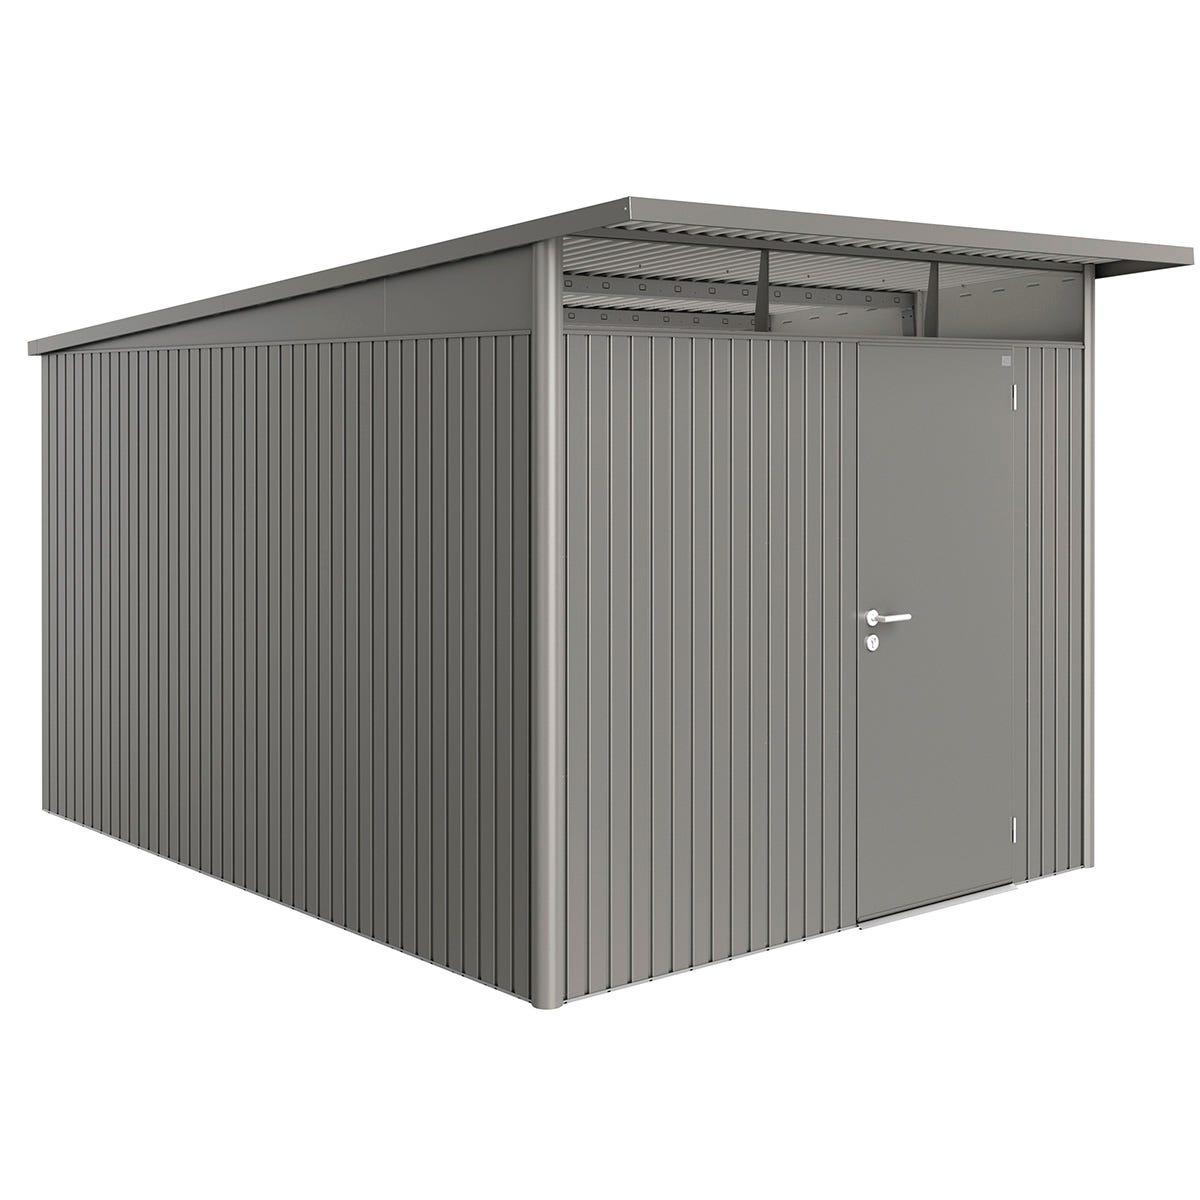 Biohort AvantGarde Metal Shed A8 Standard door 8' 5'' x 12' 4'' - Quartz Grey